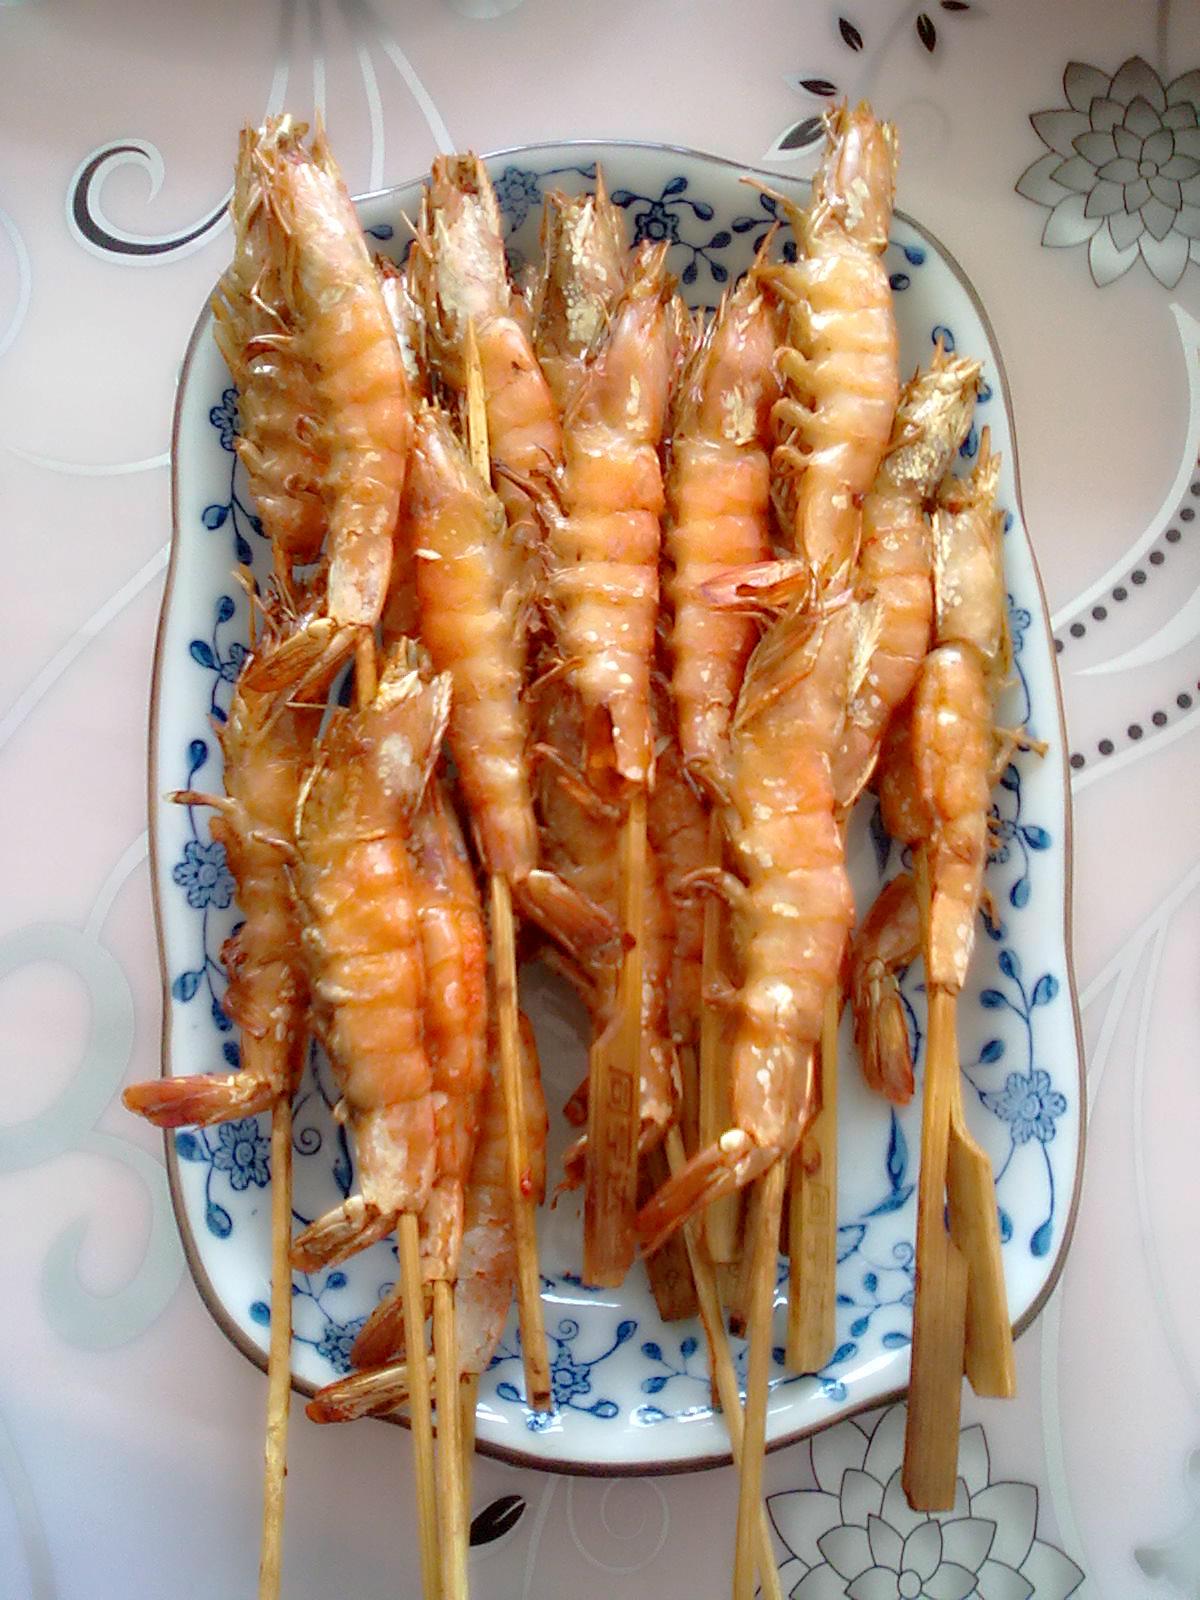 关于友情的文章_椒盐烤虾的做法_菜谱_豆果美食